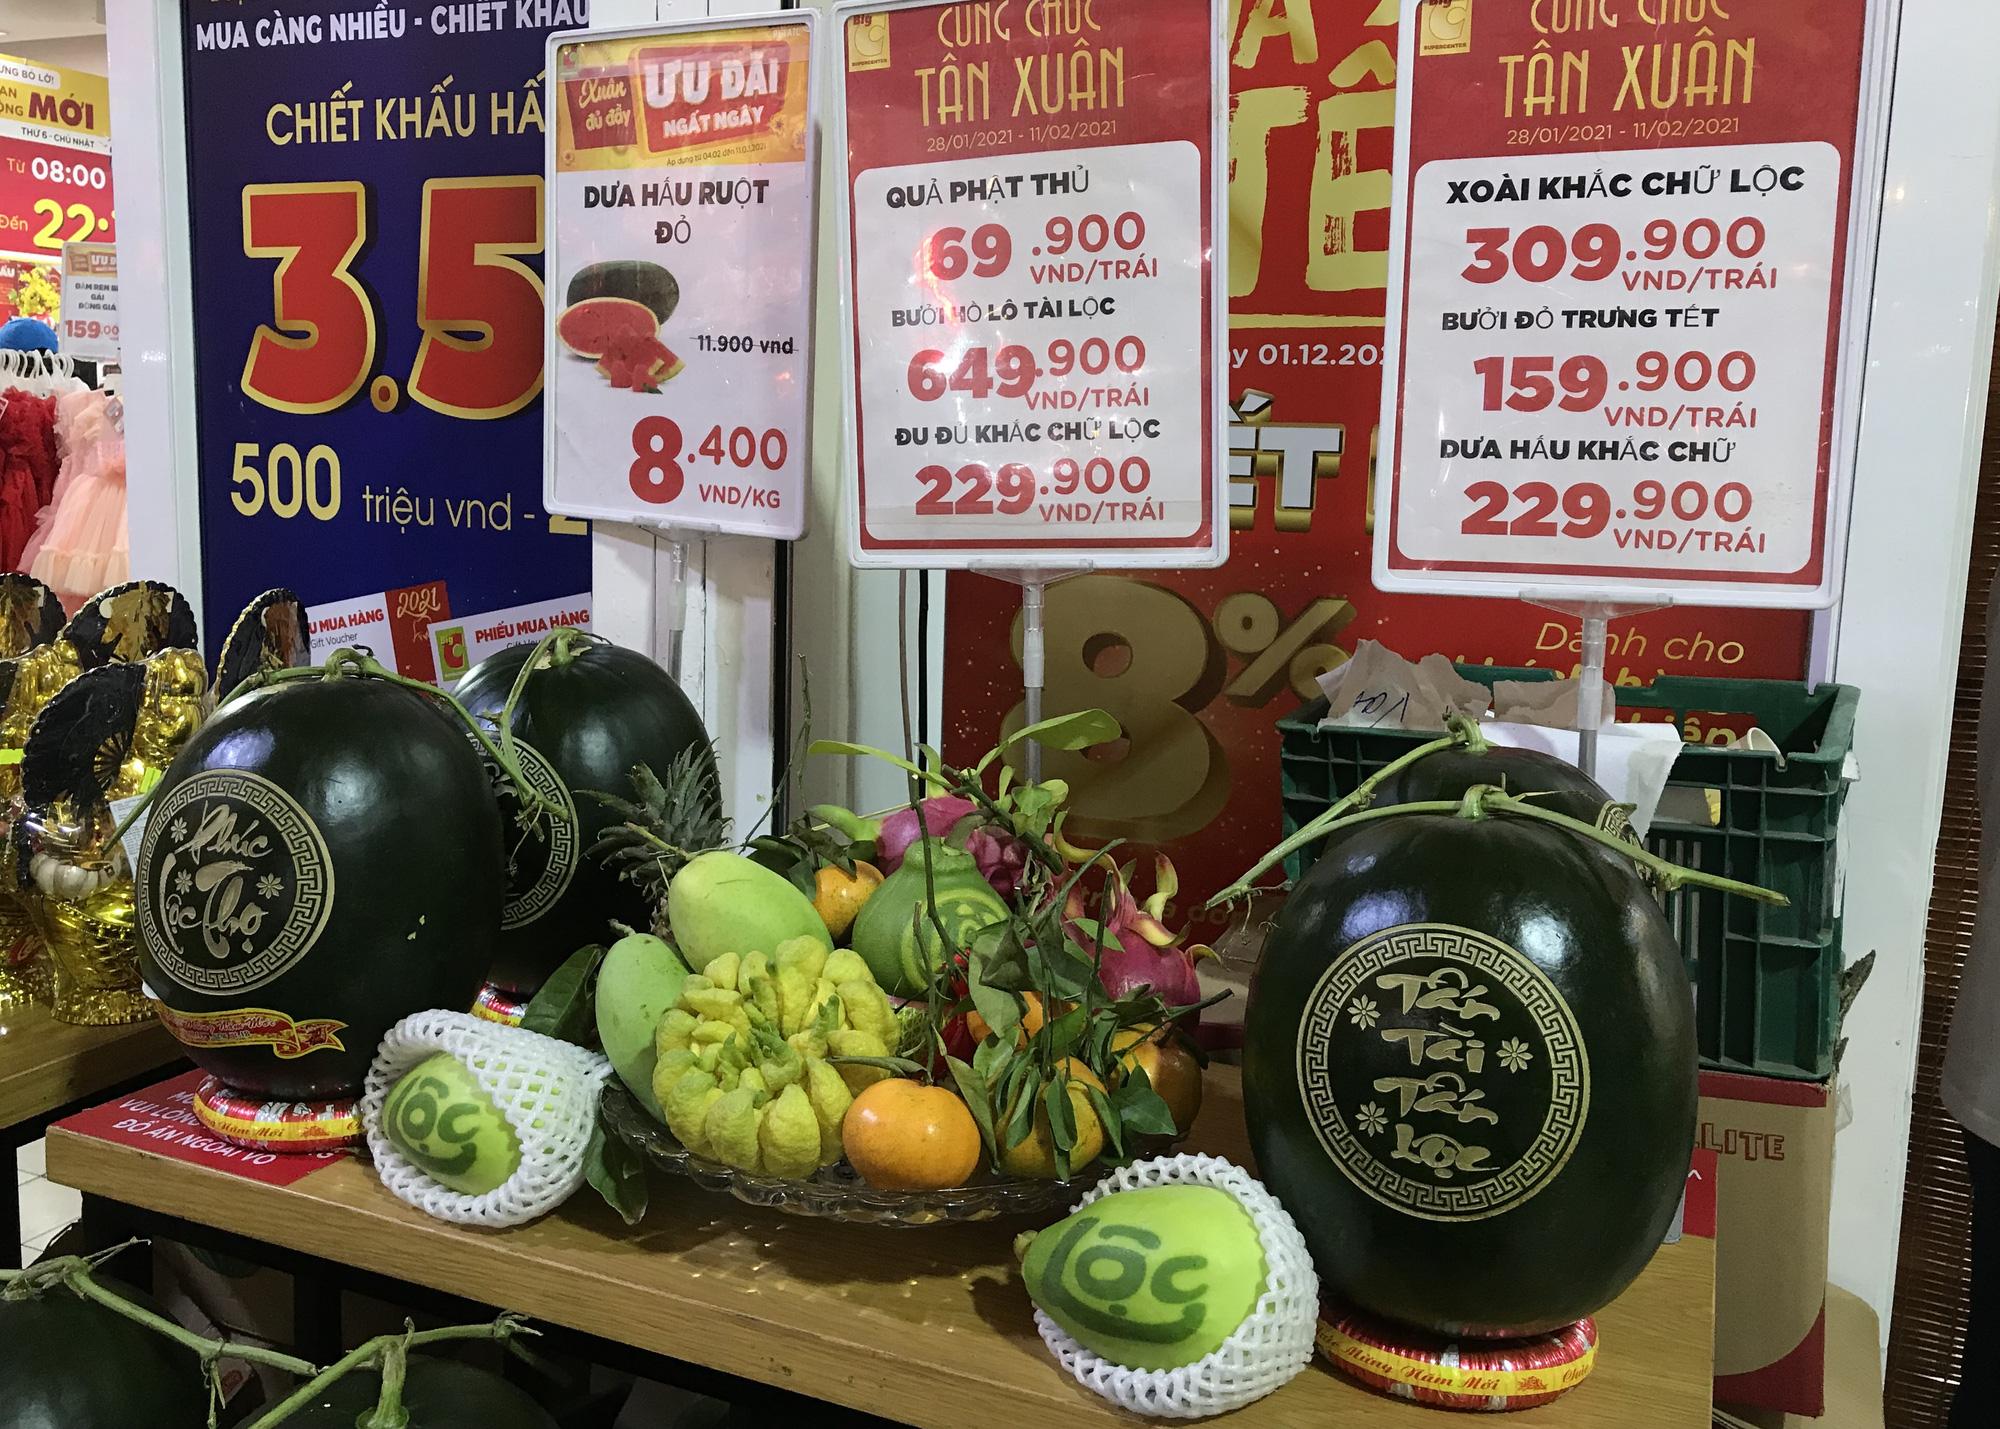 """TP.HCM: Chợ, siêu thị đông nghẹt ngày 29 Tết, """"Tết tới thật rồi"""" - Ảnh 5."""